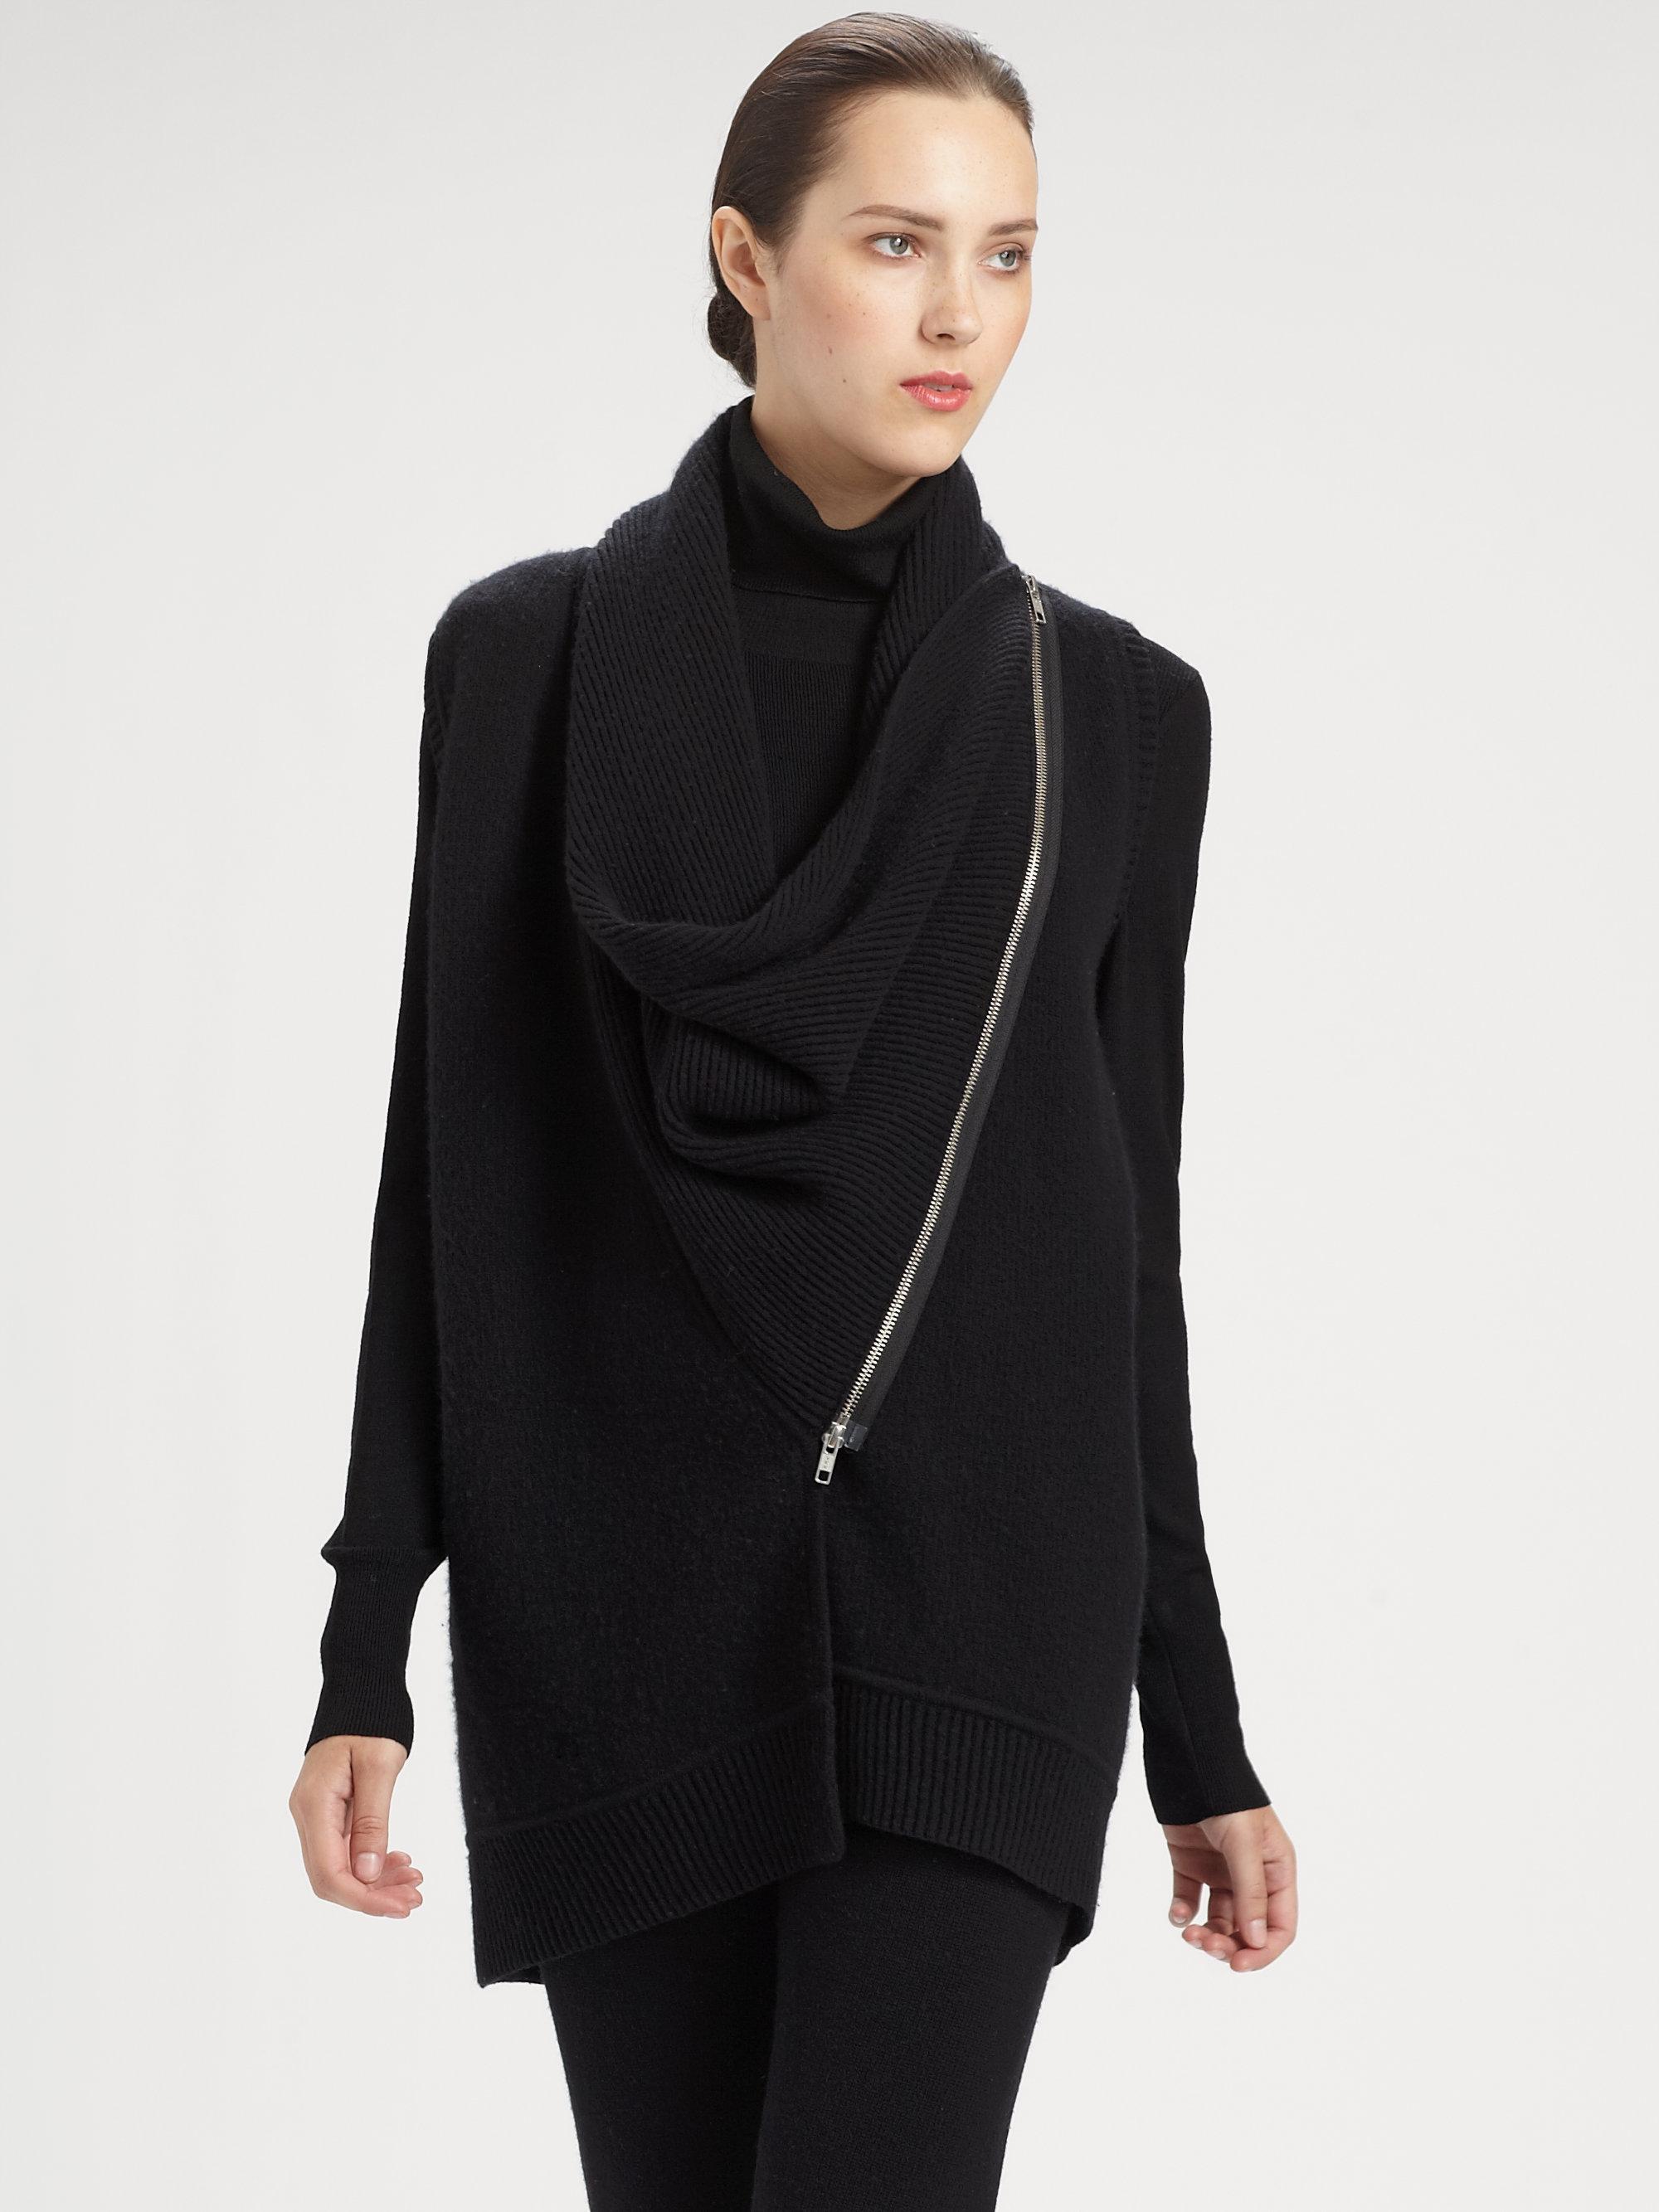 donna karan new york asymmetrical zip front cashmere vest. Black Bedroom Furniture Sets. Home Design Ideas